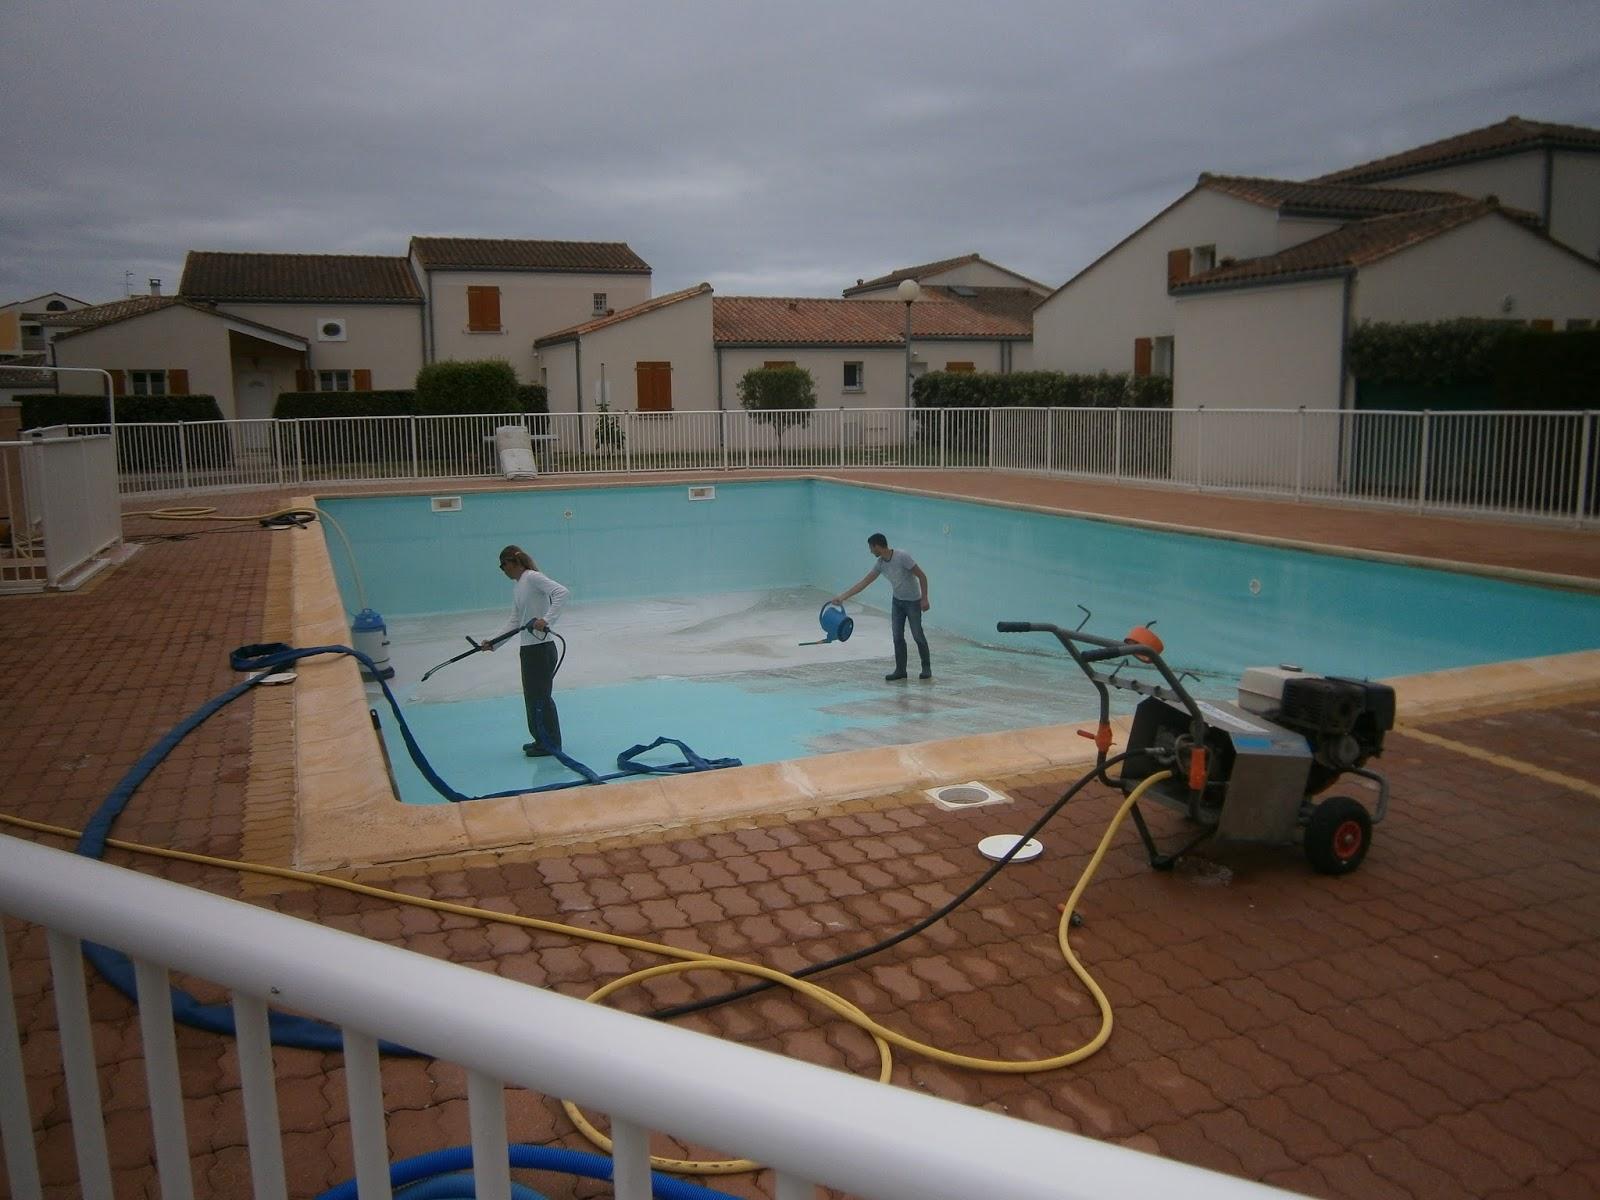 Residence les soleils d 39 or preparation de la piscine - Preparation accouchement piscine ...